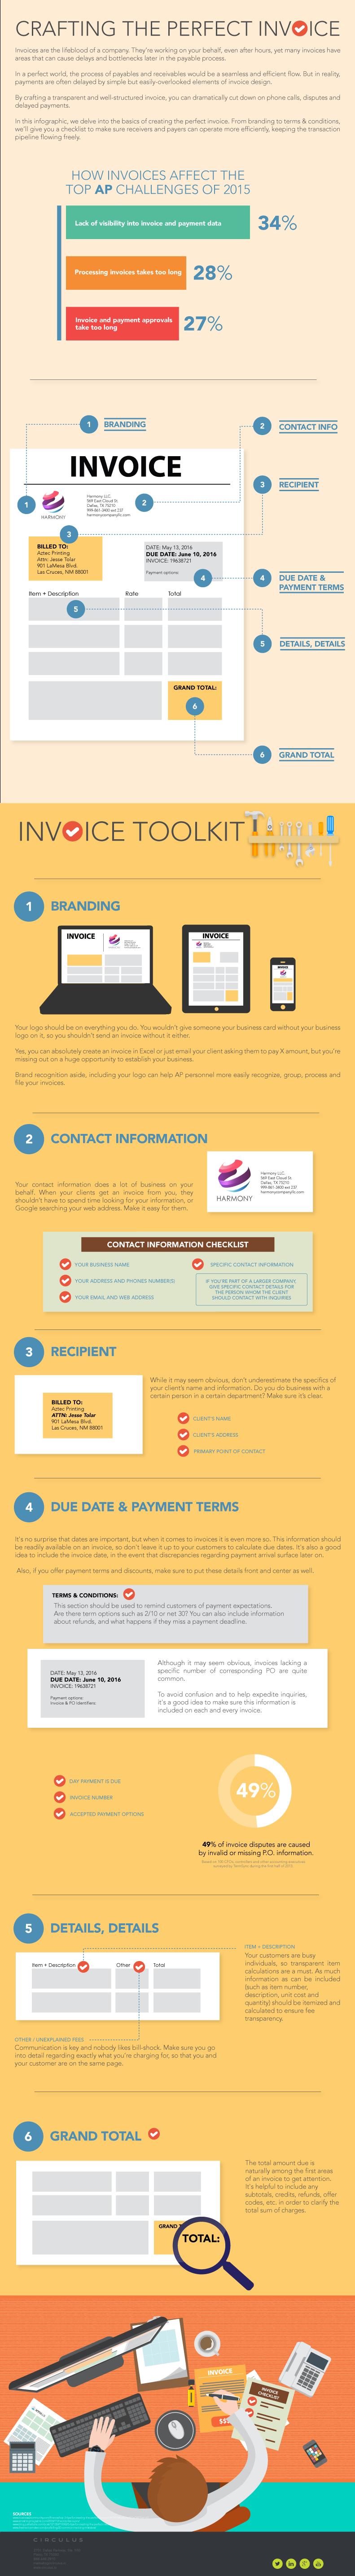 invoice_checklist